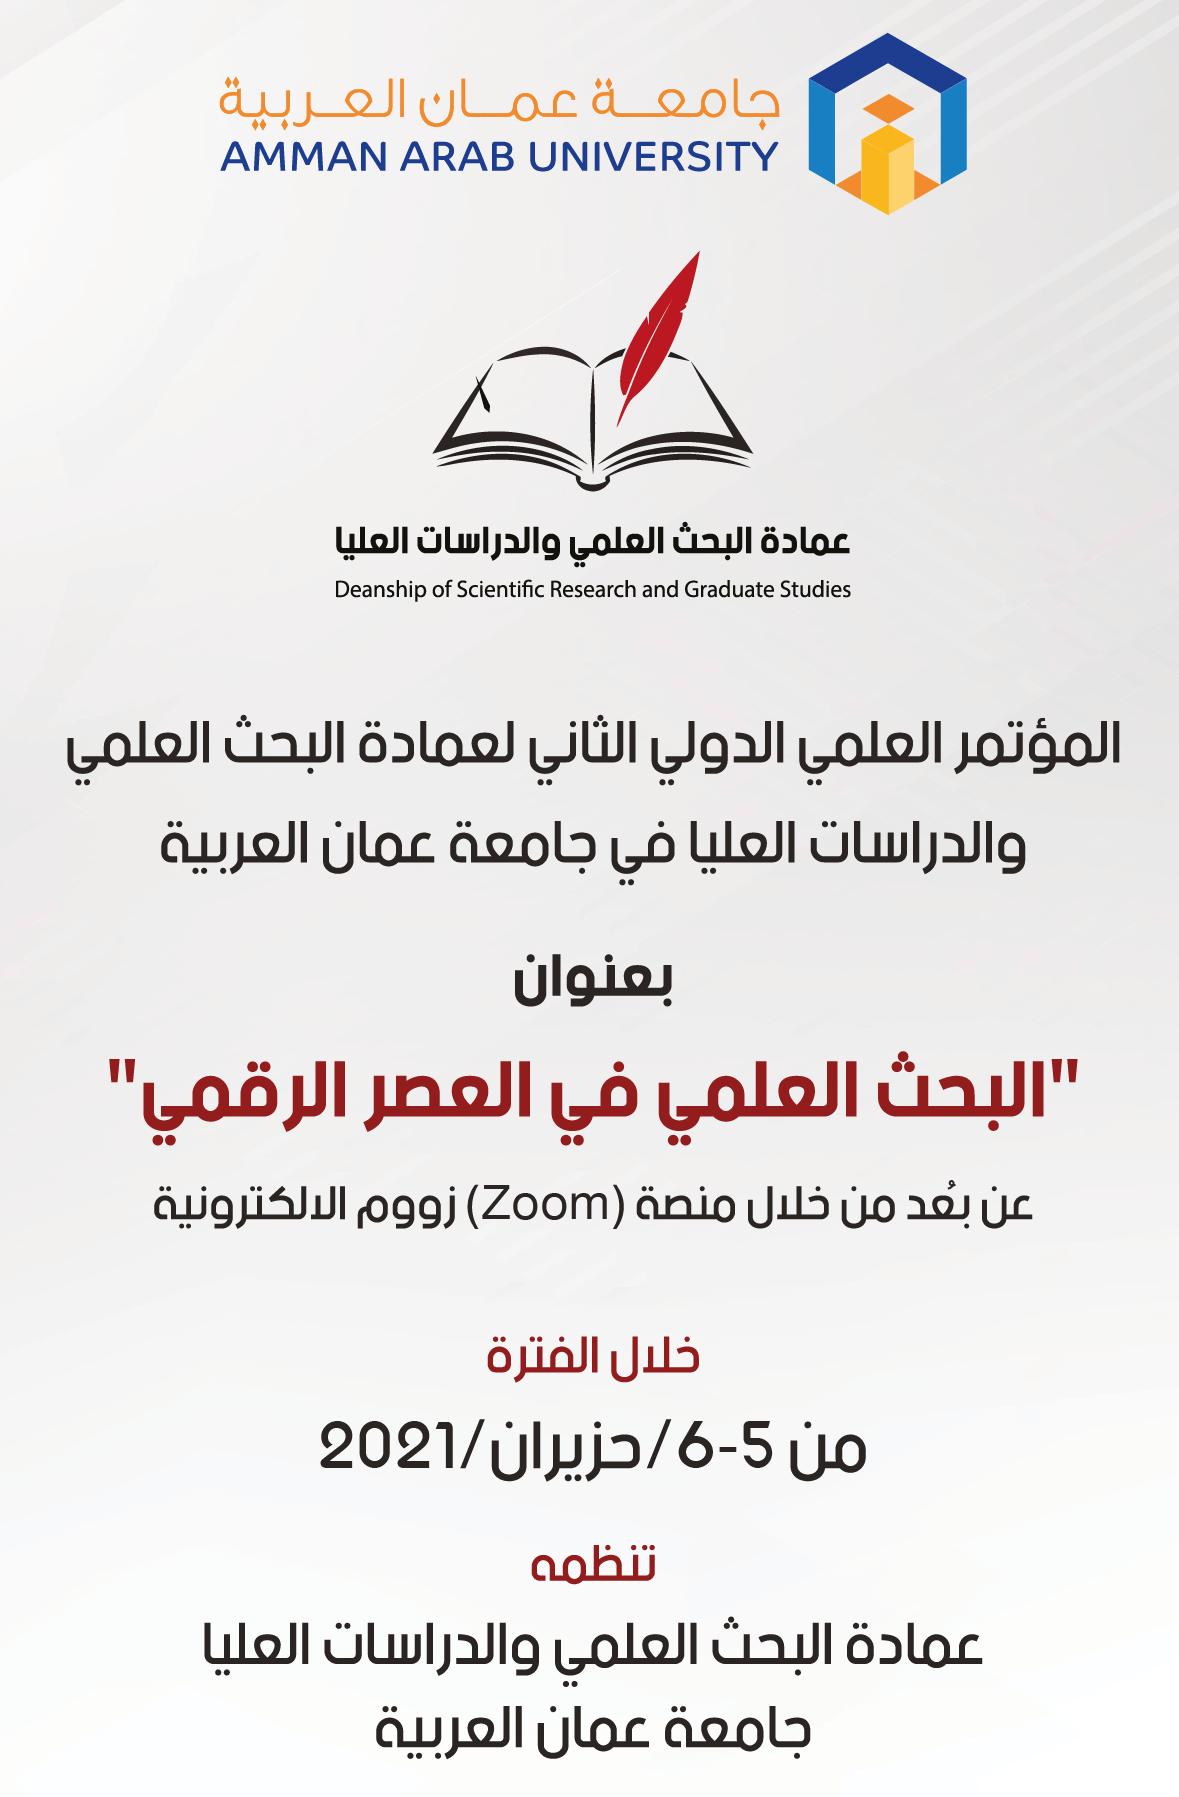 """مؤتمر البحث العلمي في العصر الرقمي في """"عمان العربية"""""""